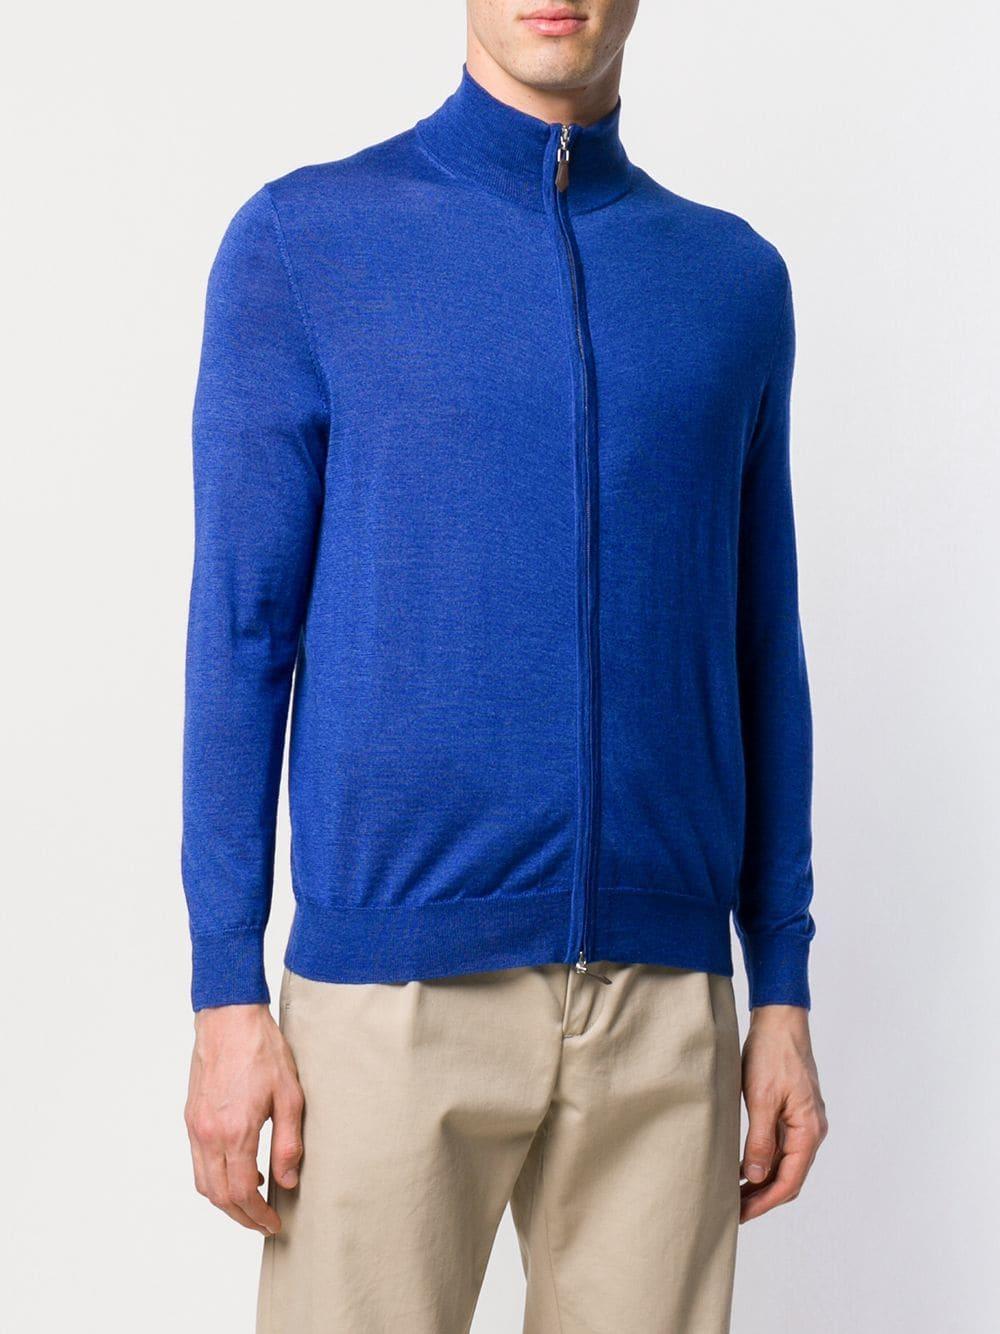 N.Peal Cashmere The Hyde Vest in het Blauw voor heren